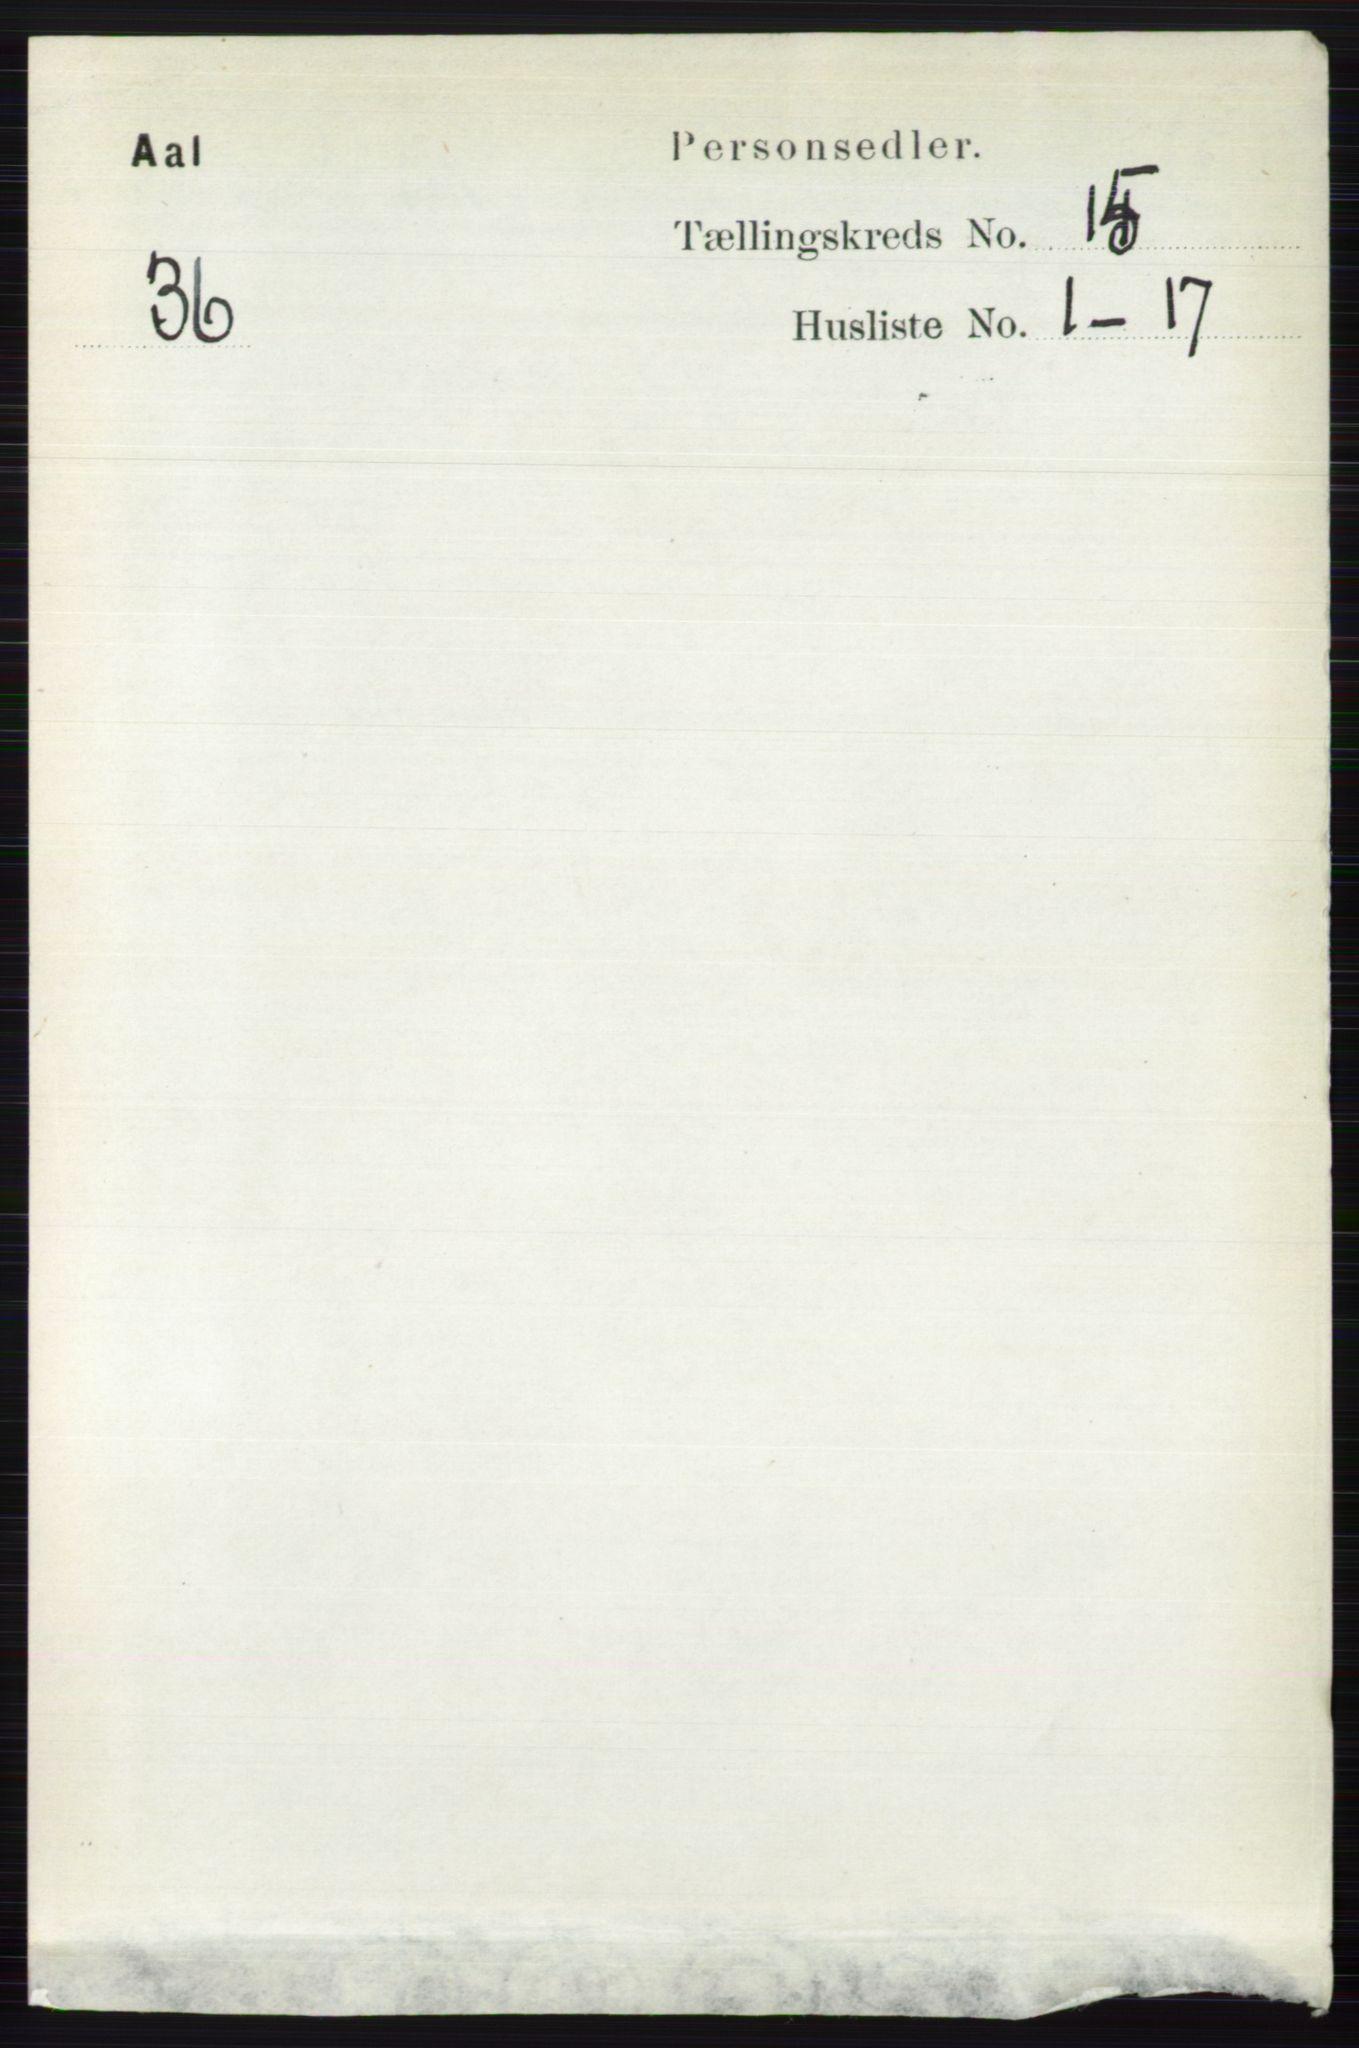 RA, Folketelling 1891 for 0619 Ål herred, 1891, s. 3753